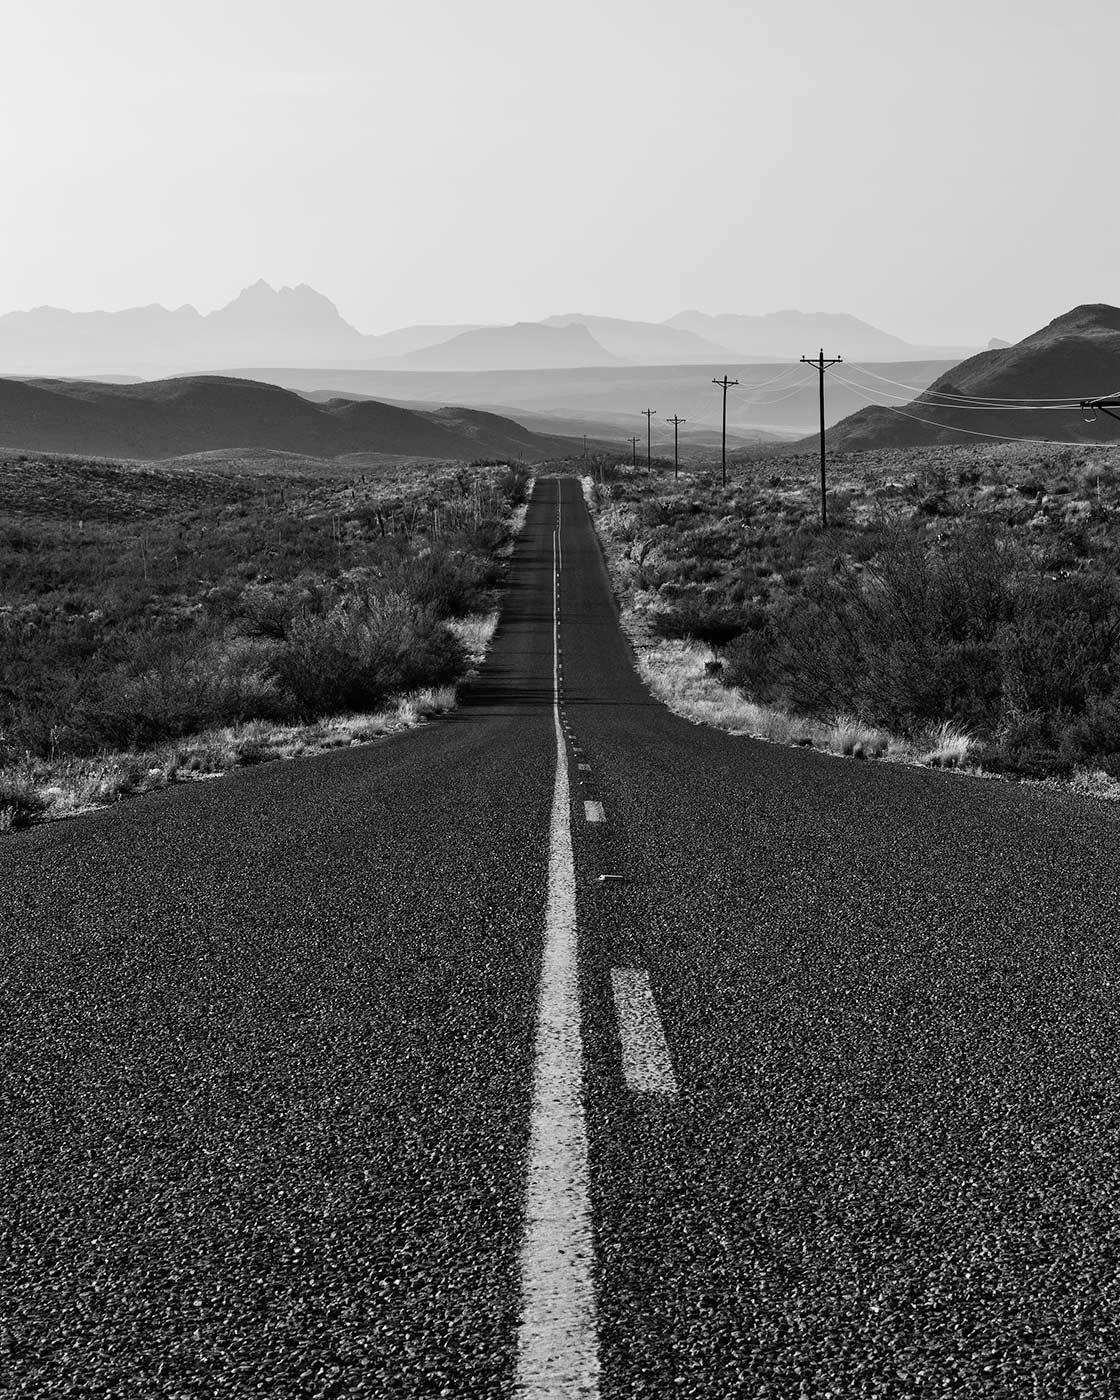 West-Texas-ABP-Black-Gap-Road.jpg